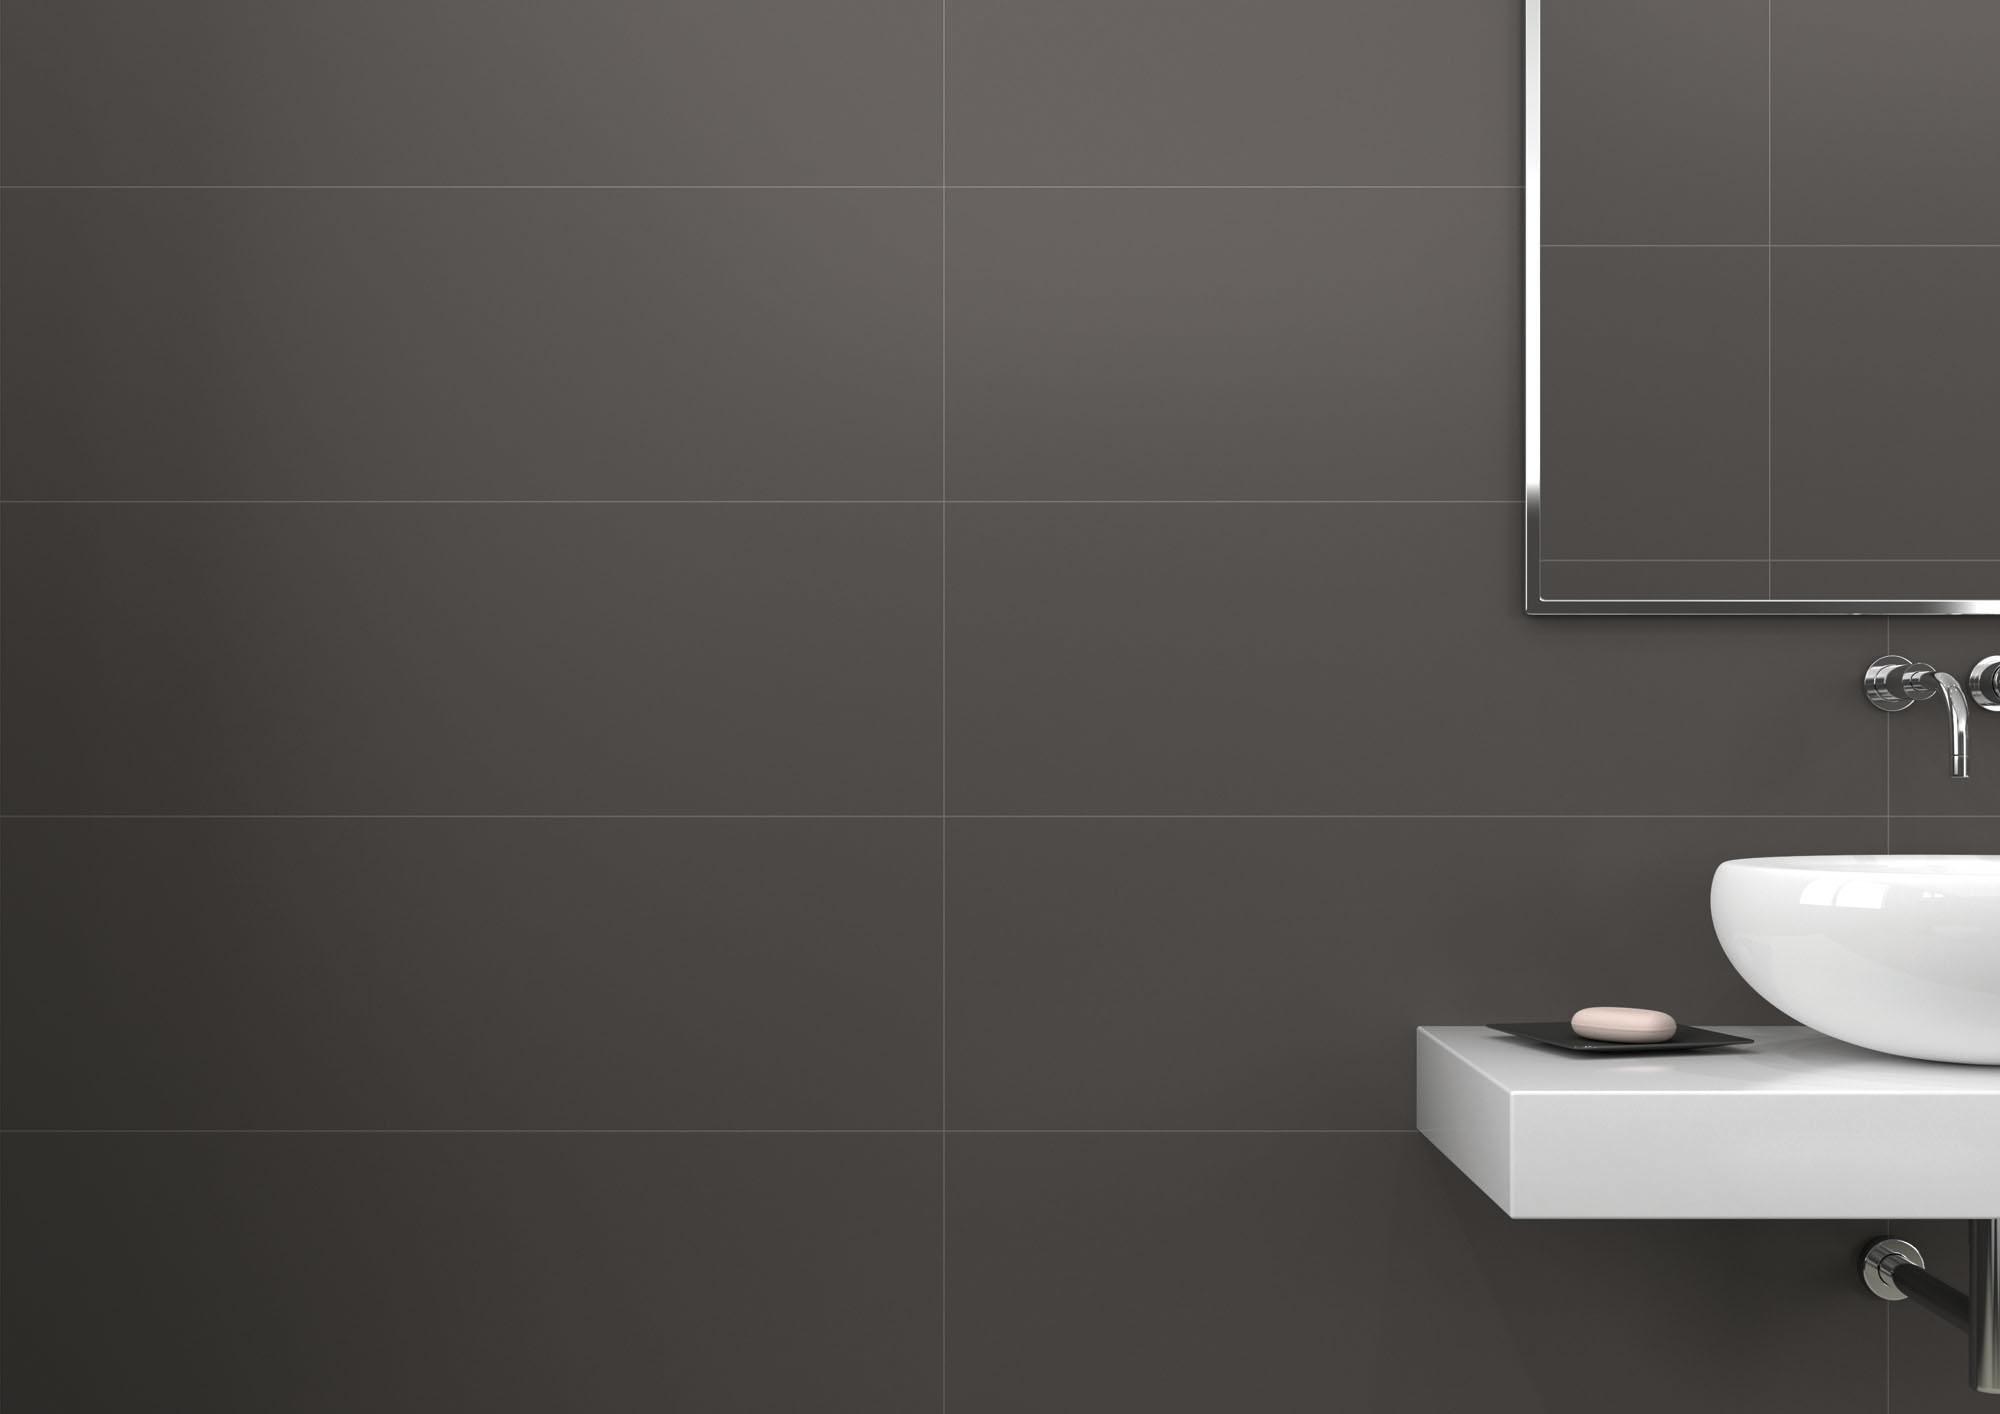 Residential WC Preto+Cinza Claro_porm01